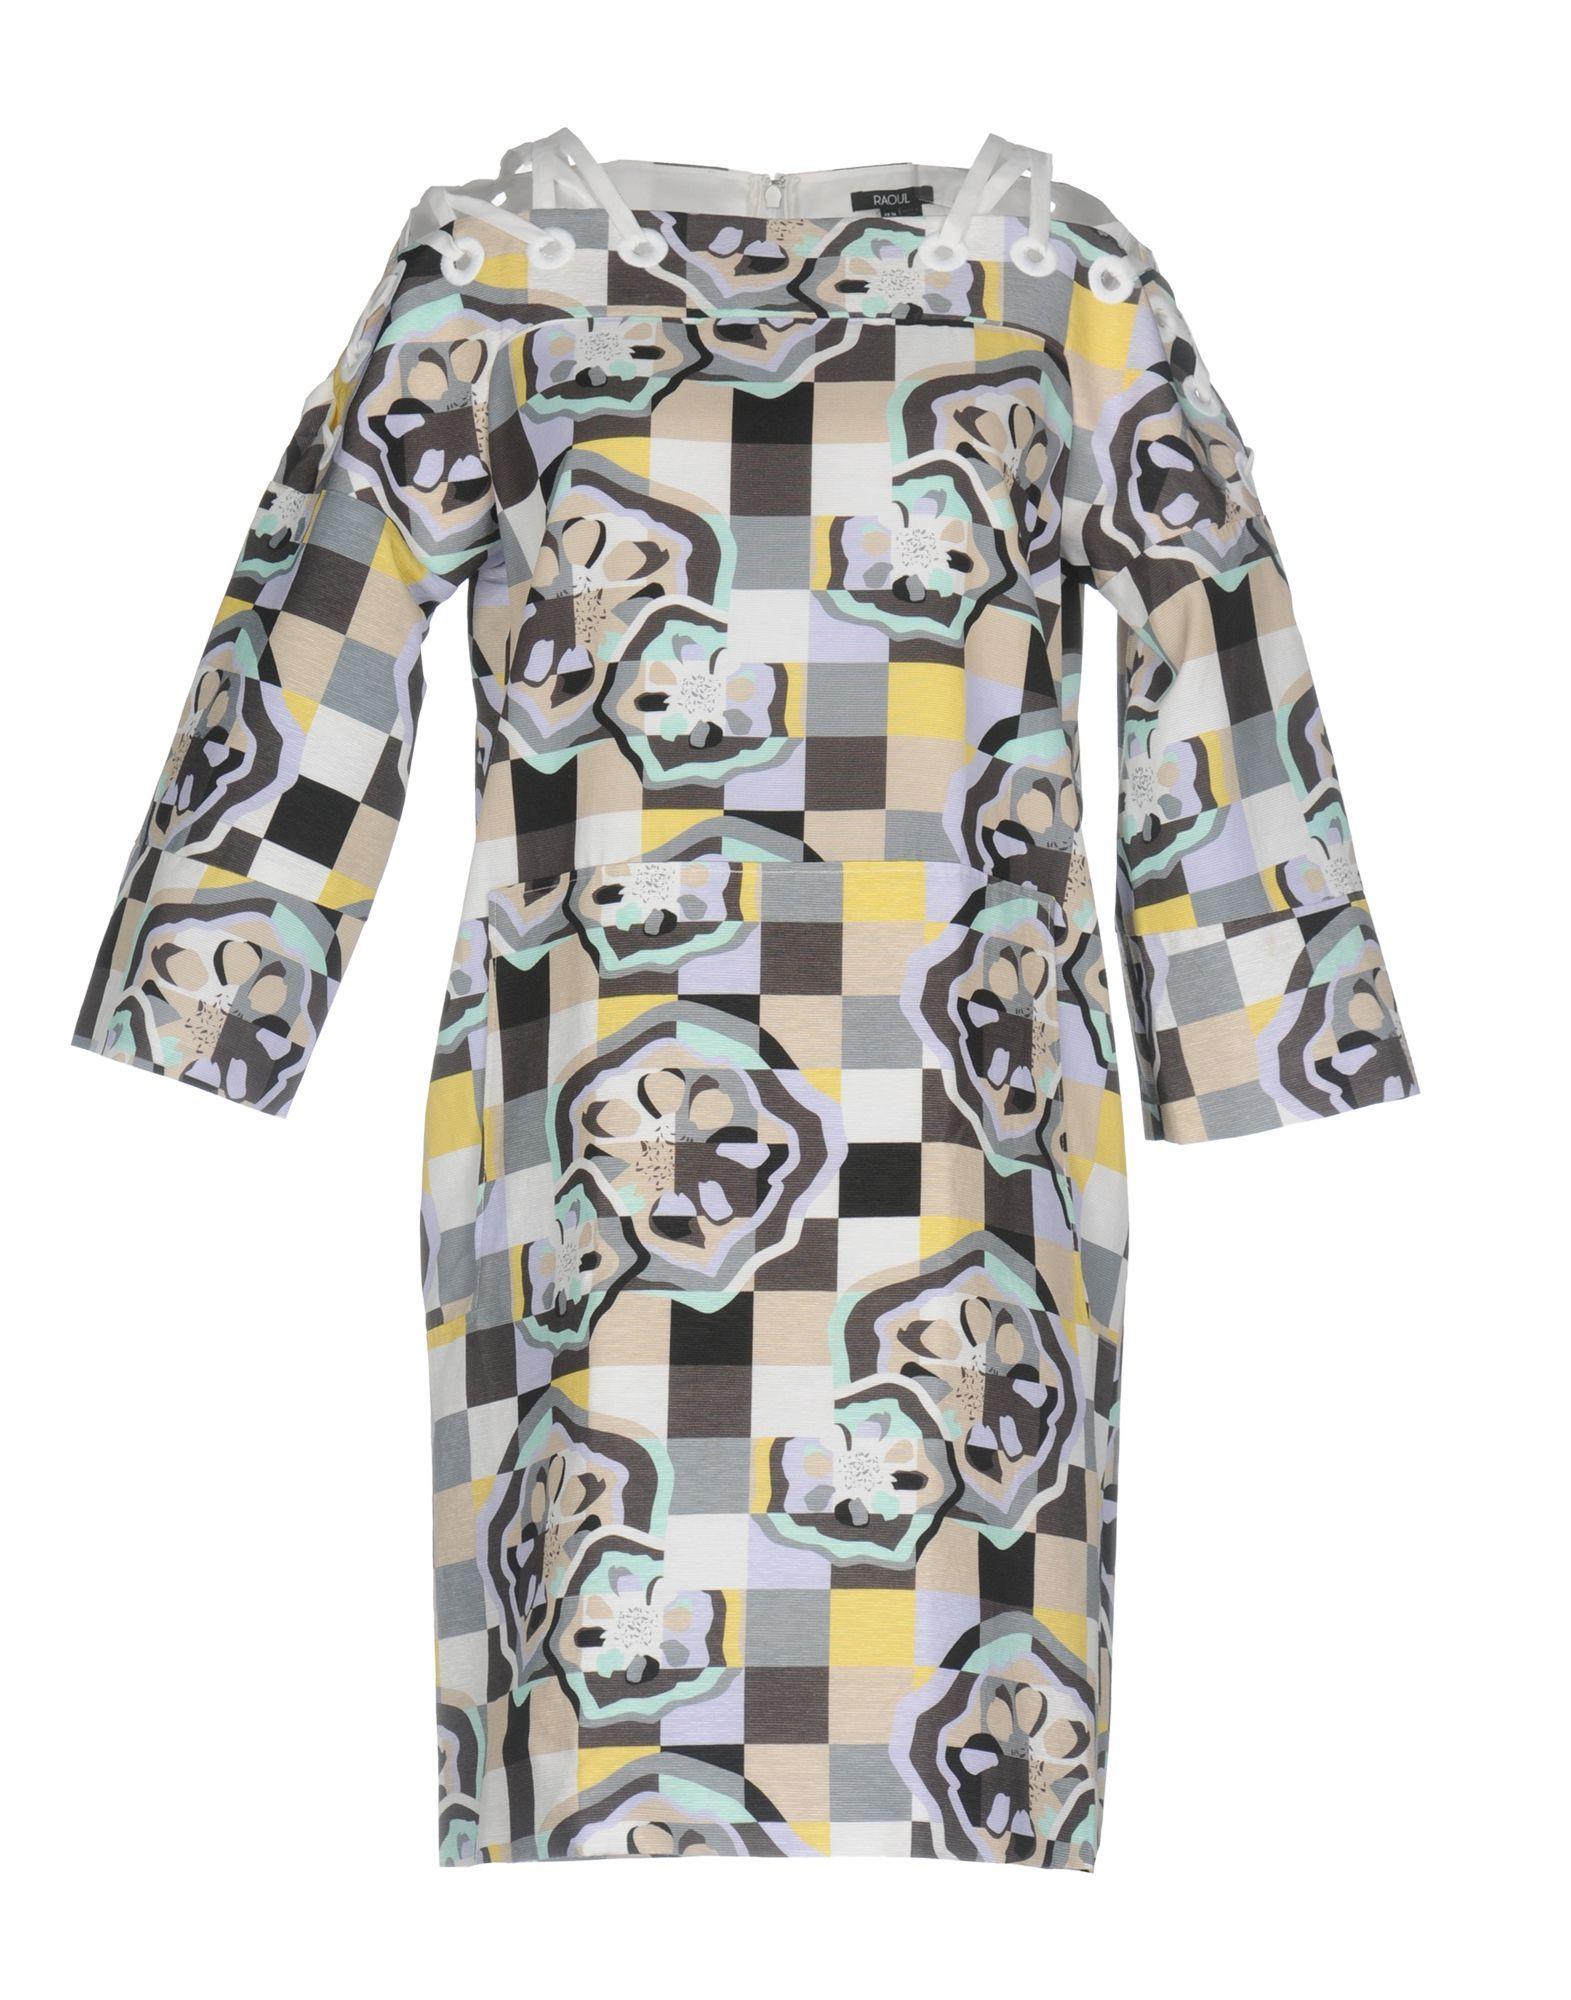 Raoul Grey Pattern Cotton Dress